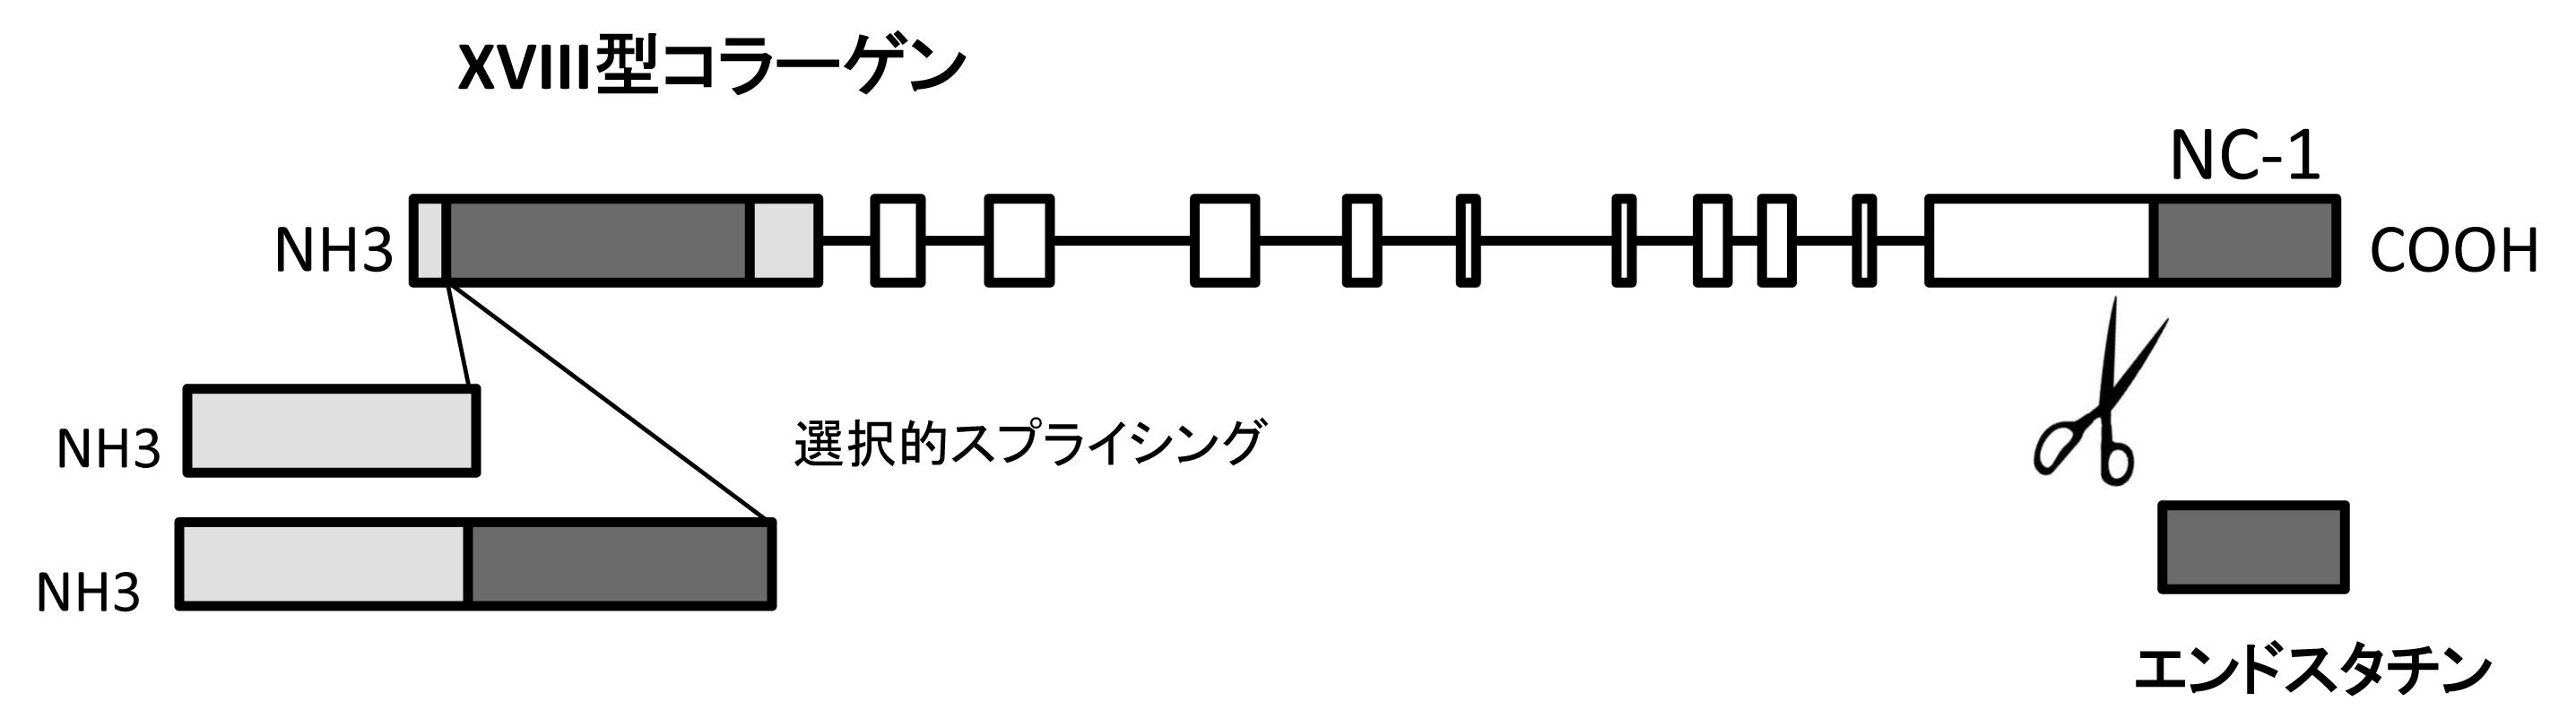 図 XVIII型コラーゲンとエンドスタチン:エンドスタチンは、XVIII型コラーゲンのC末端側にコードされているNC-1ドメインの断片である。(血管生物医学辞典,朝倉書店,2011より引用)